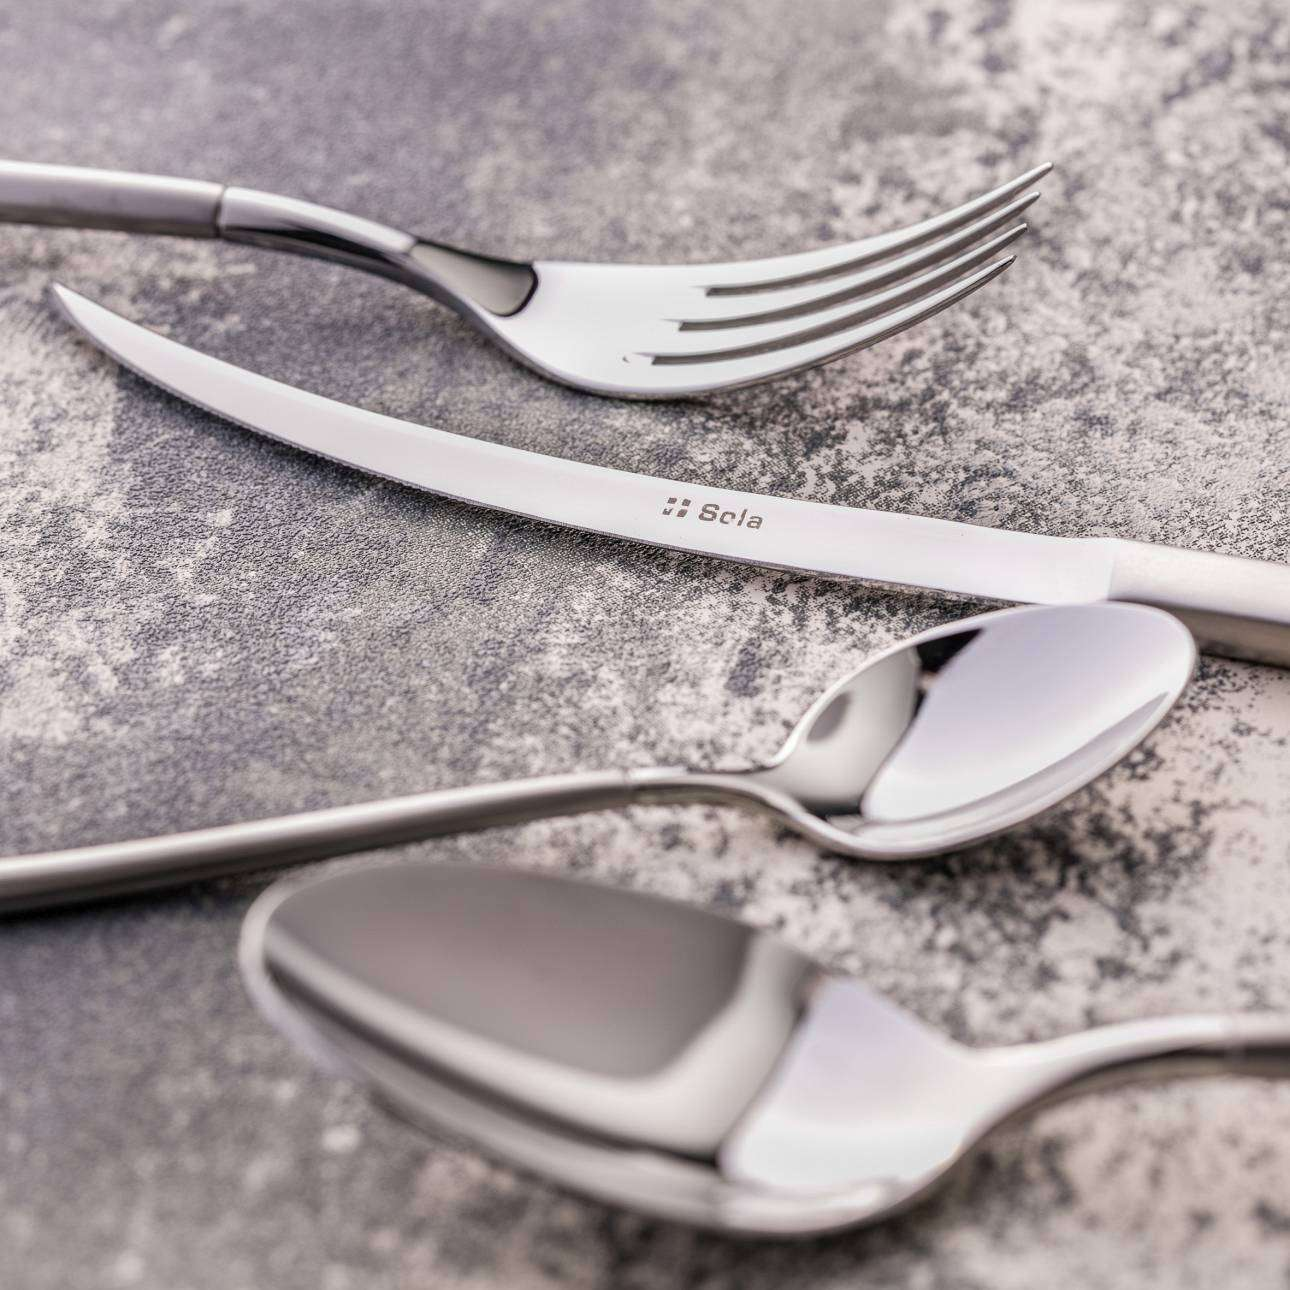 Sztućce Awangarda Silver komplet dla 6osób 24 części 47,5x28x4,5cm